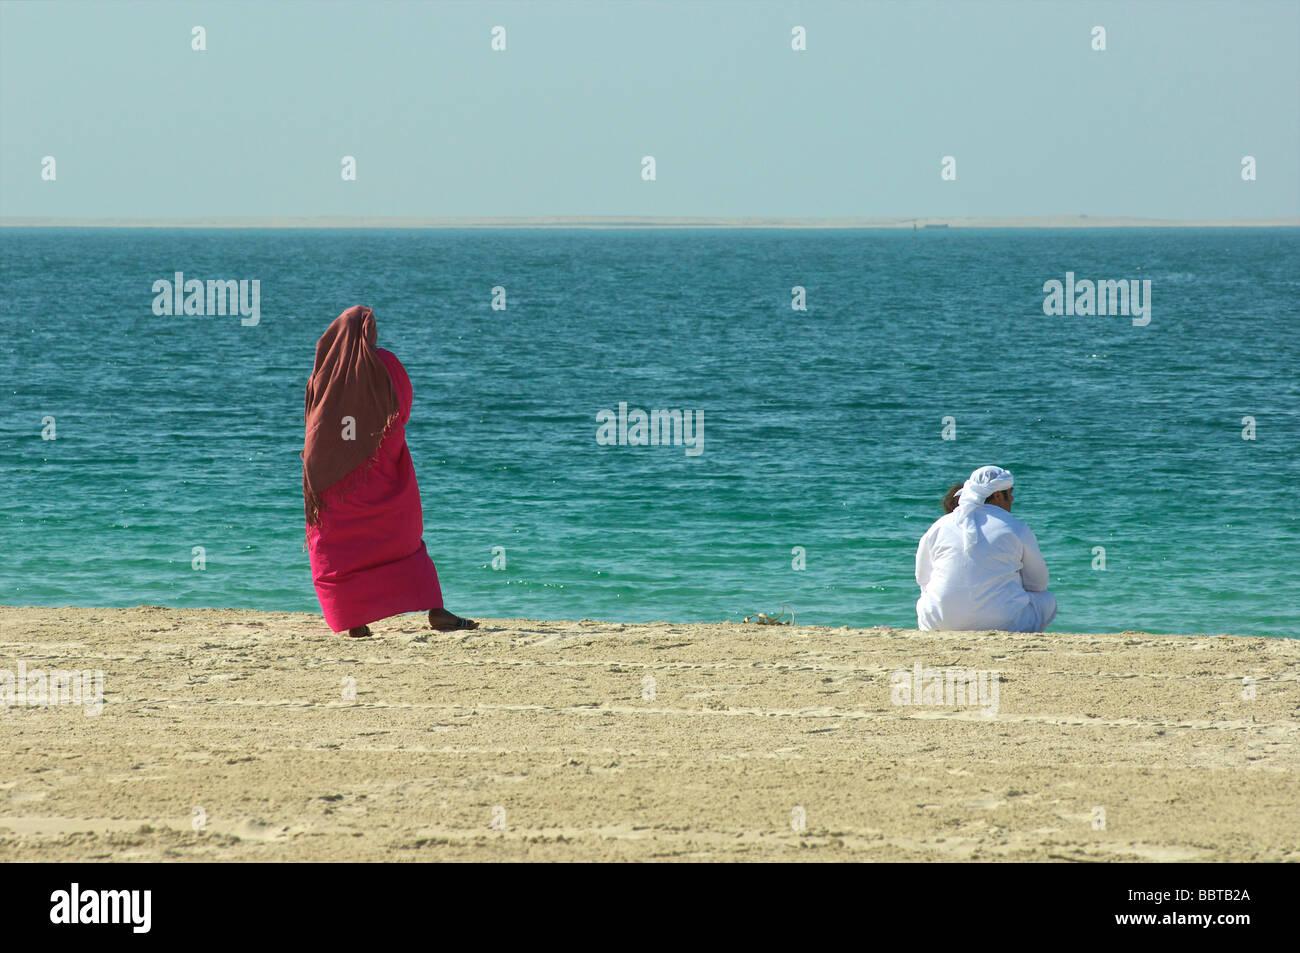 Dubai Arab couple on Jumeirah beach - Stock Image